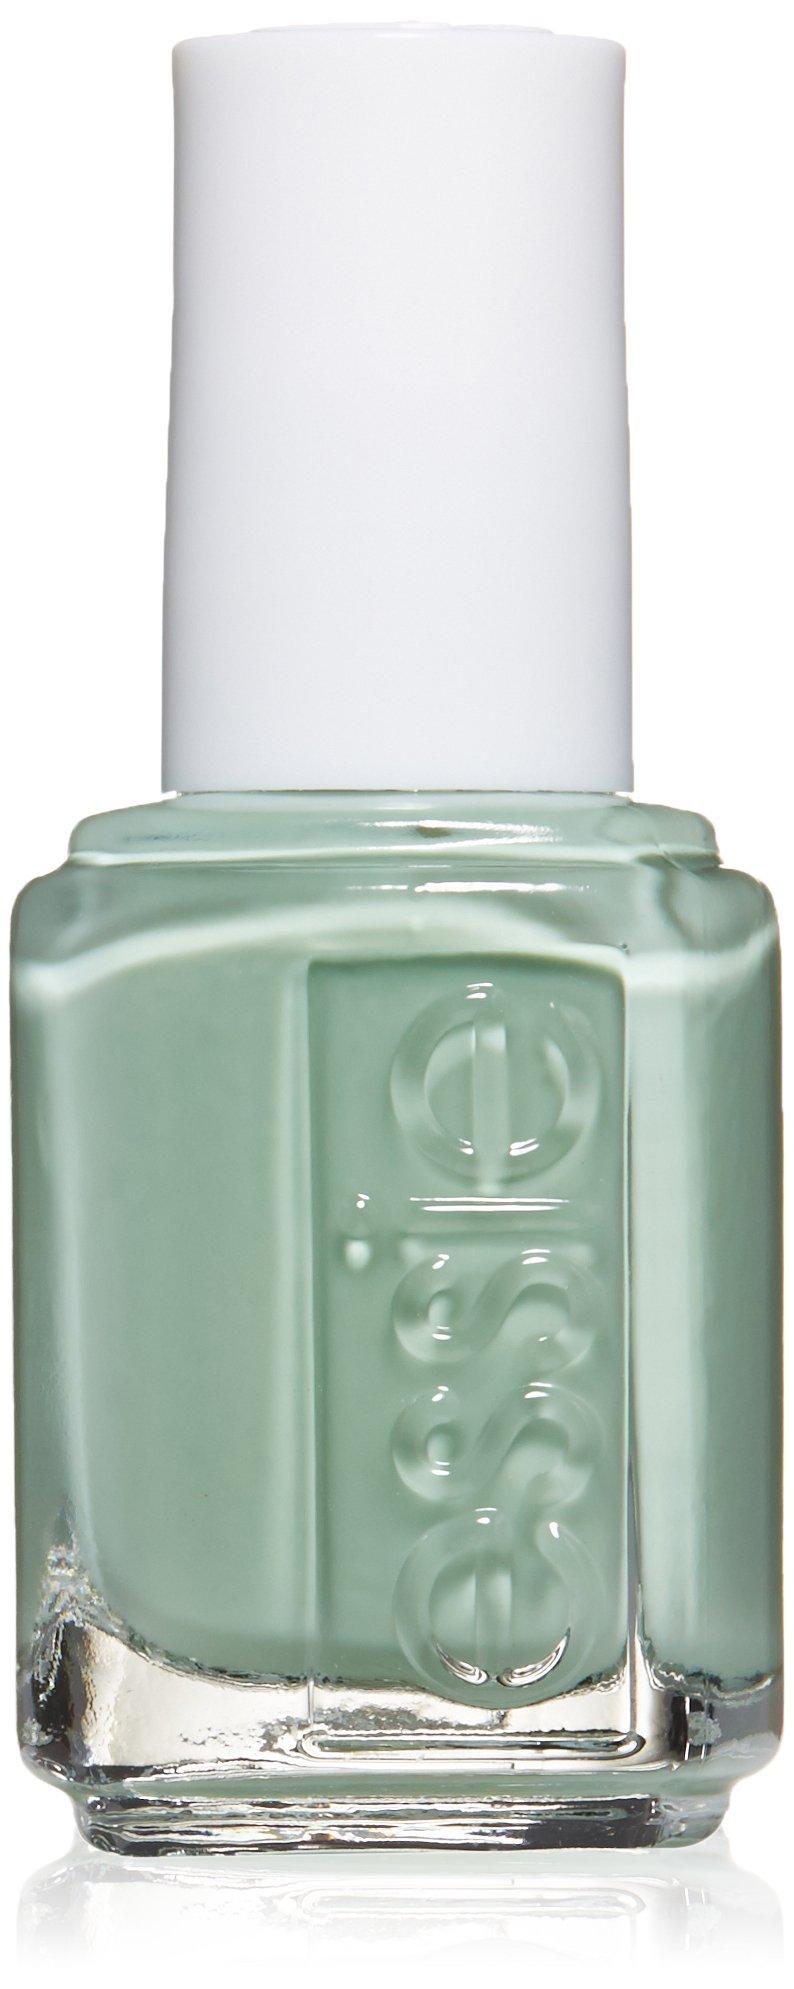 Essie #720 – Esmalte de uñas, color turquoise & caicos, 13,5 ml